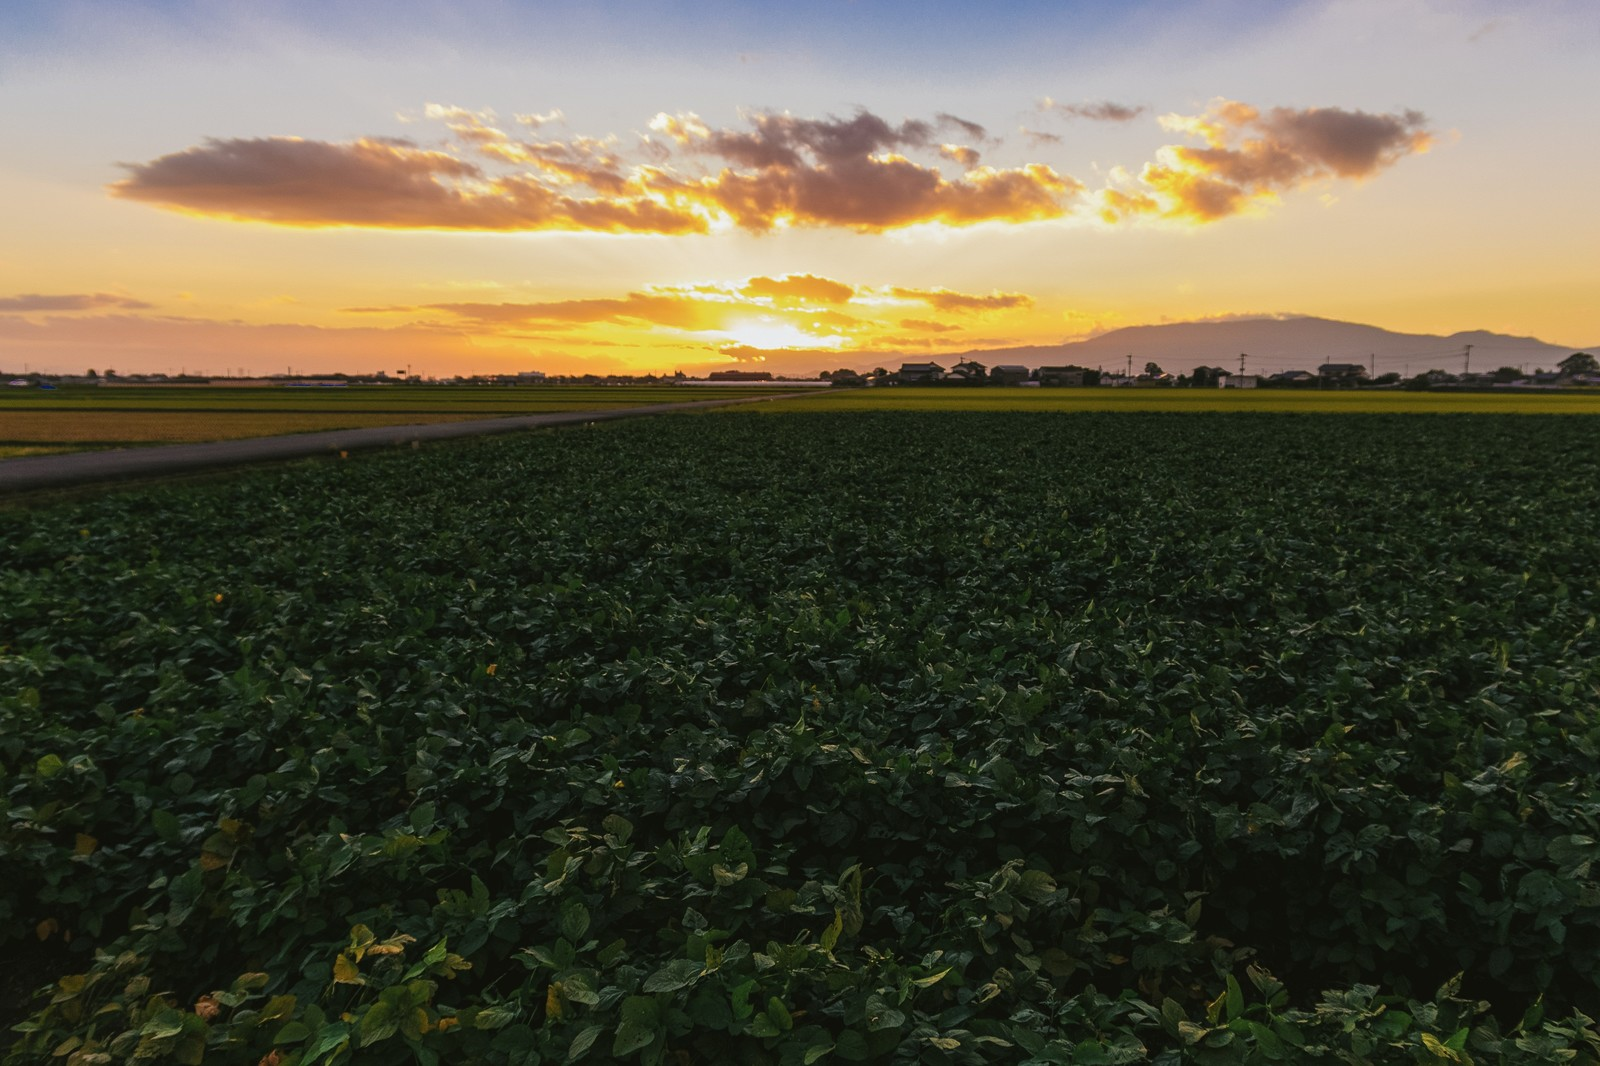 「夕暮れの田園風景(福岡県大刀洗町)夕暮れの田園風景(福岡県大刀洗町)」のフリー写真素材を拡大